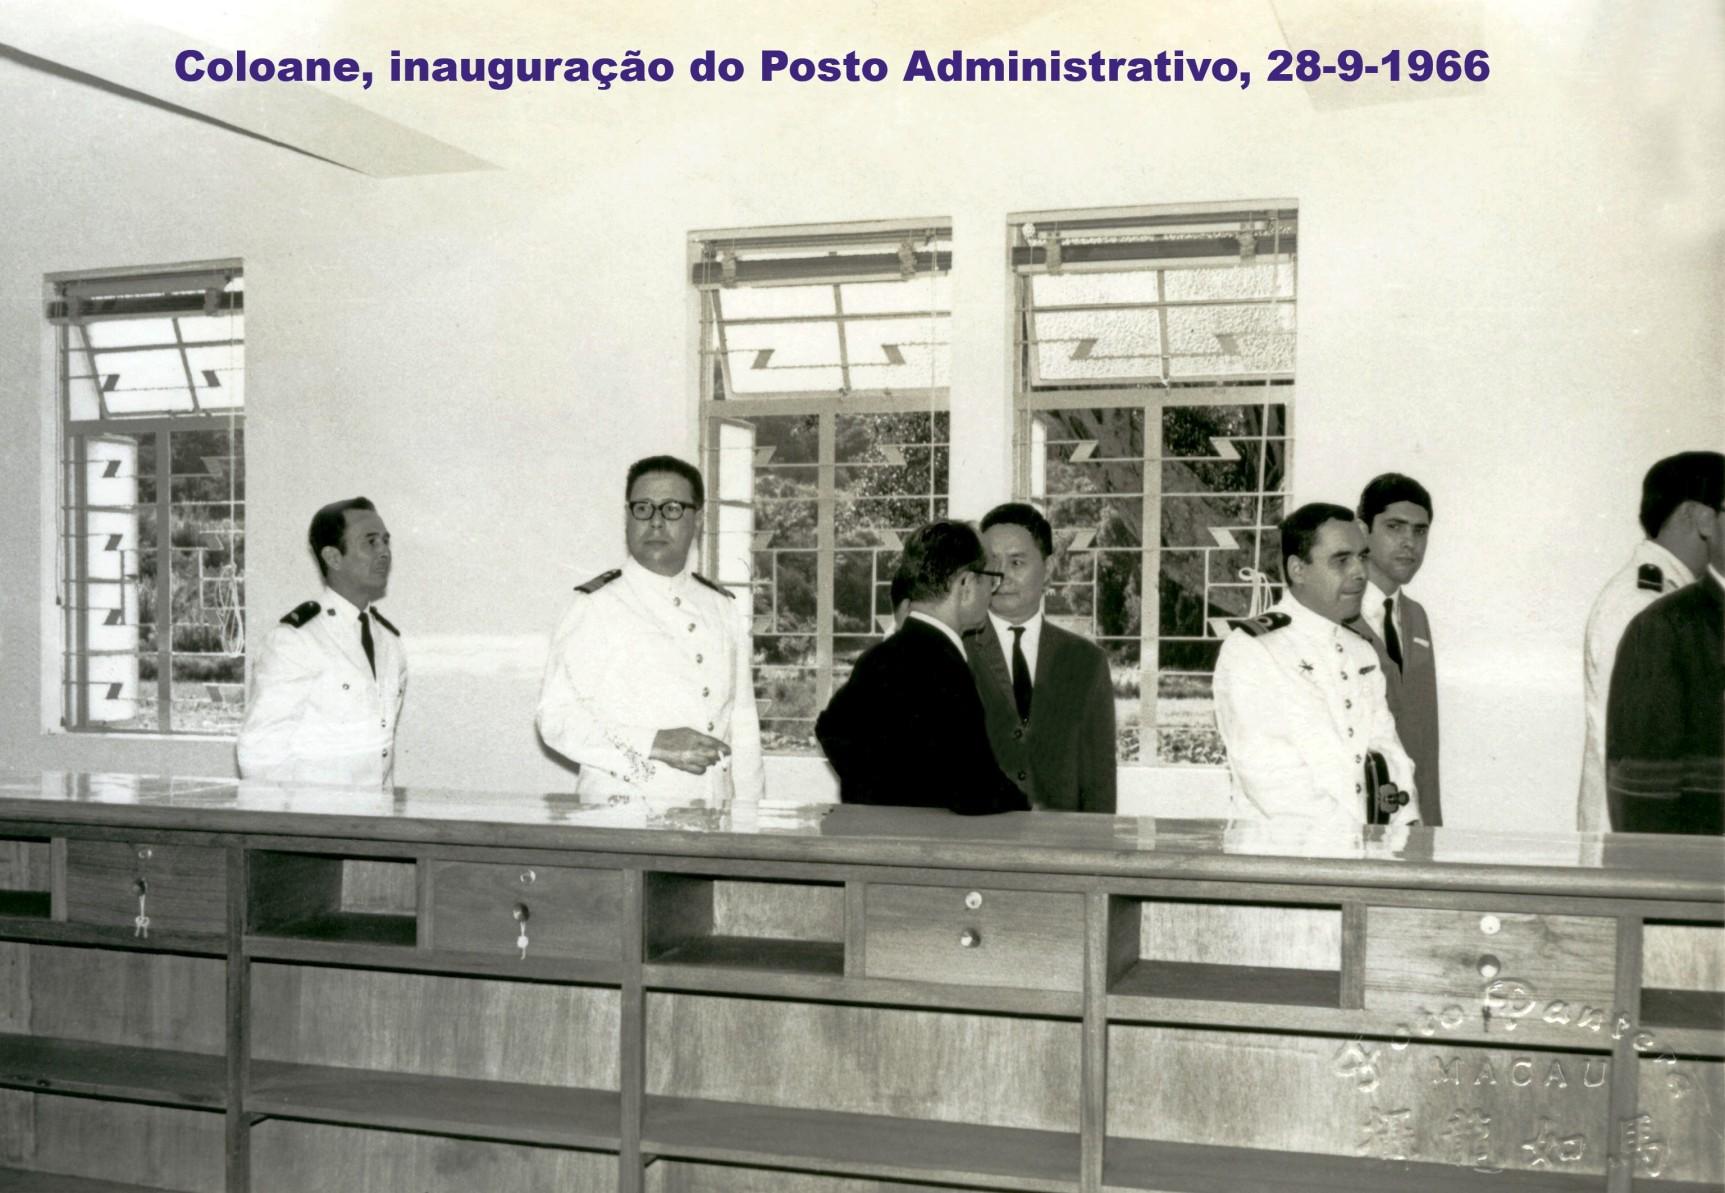 032 66-09-28 inauguração do Posto Administrativo em Coloane